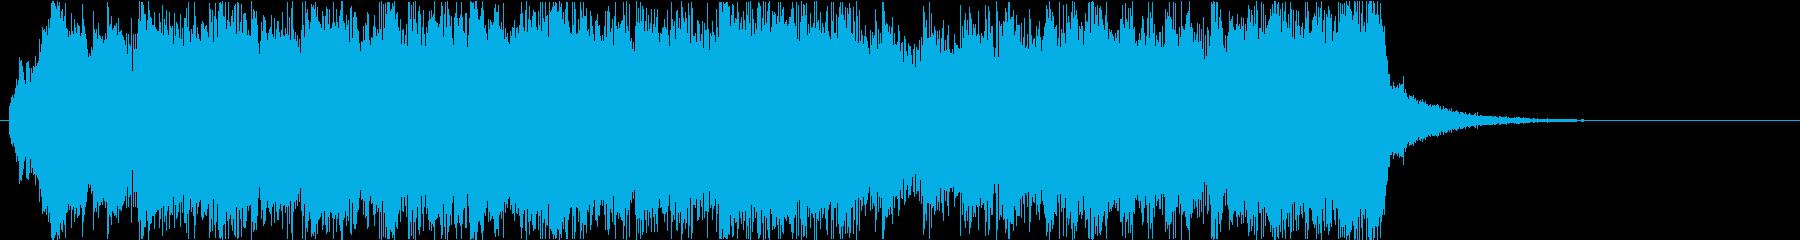 クリスマスの派手なオープニングジングル2の再生済みの波形